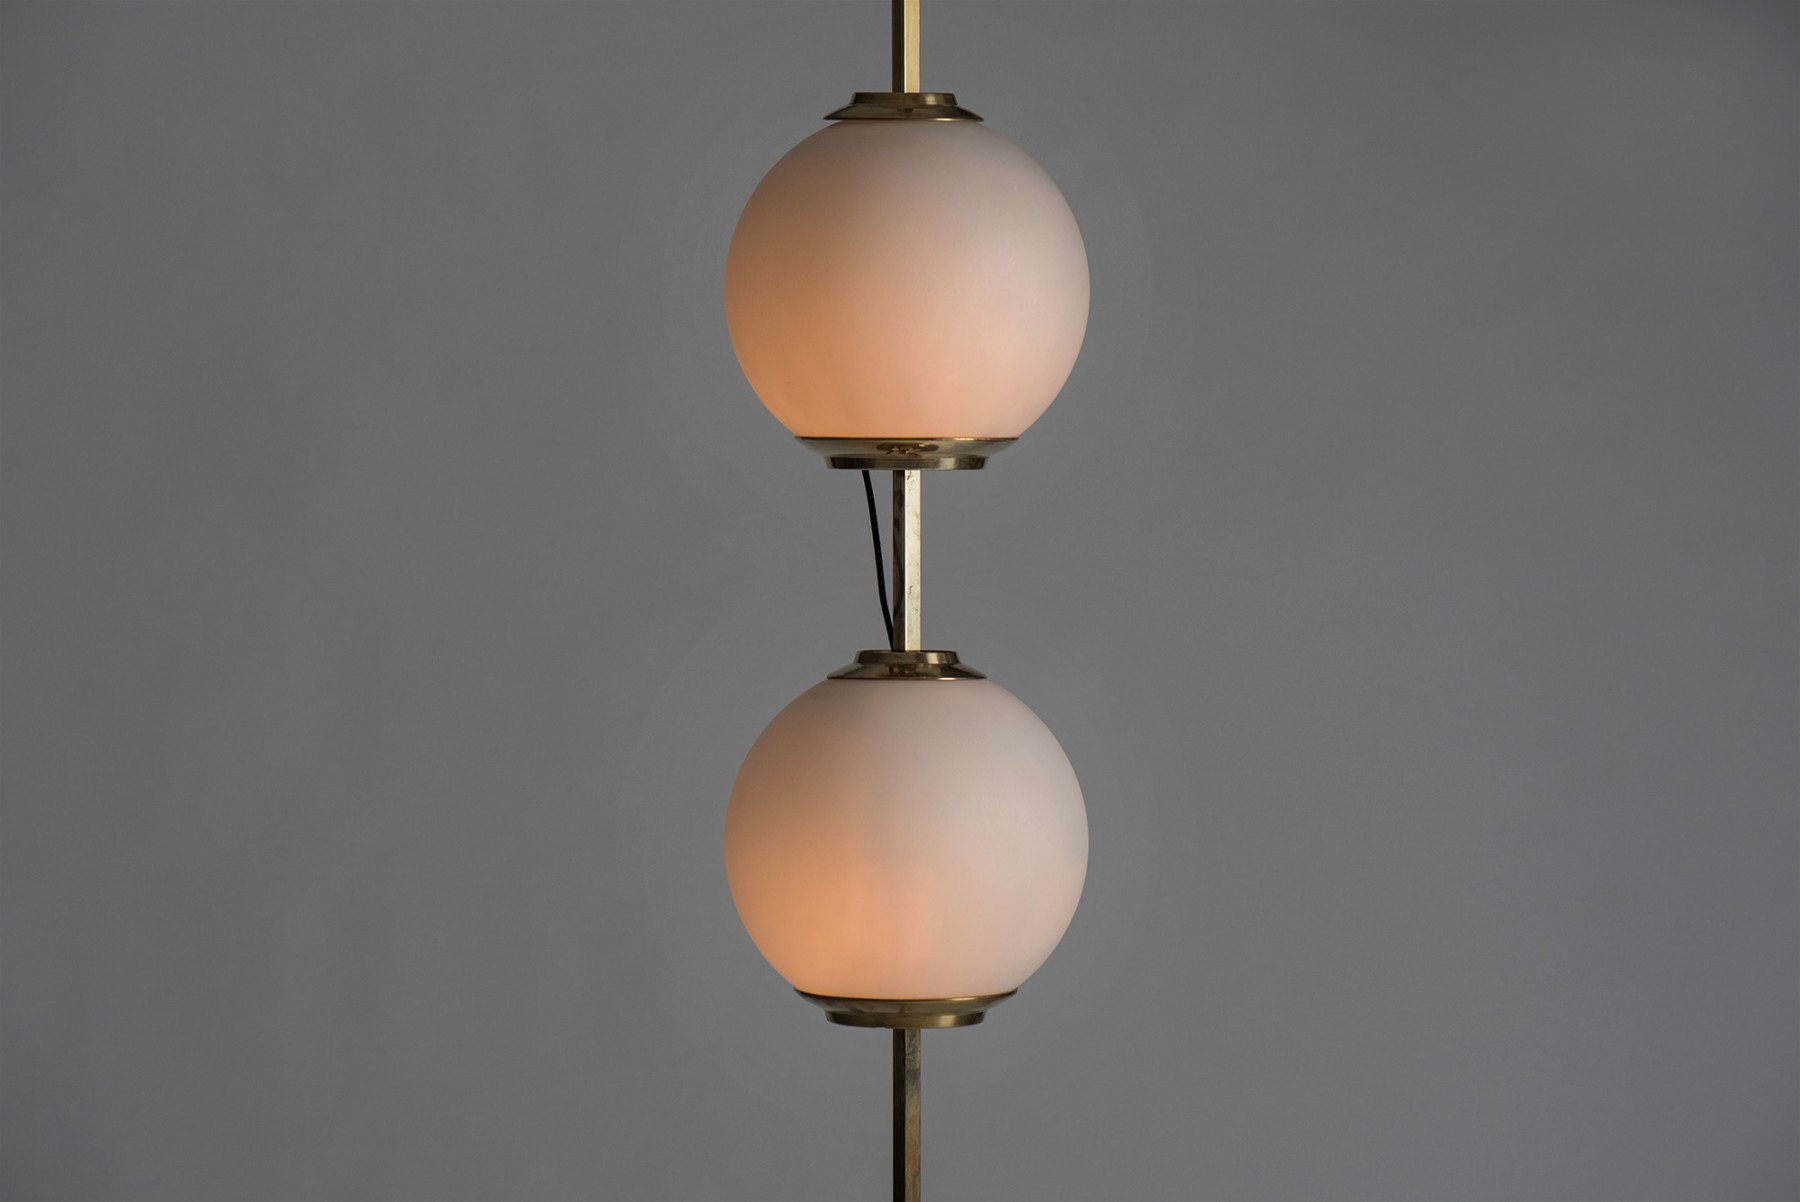 Luigi Caccia Dominioni |   Doppio pallone - floor lamp, model LTE 10